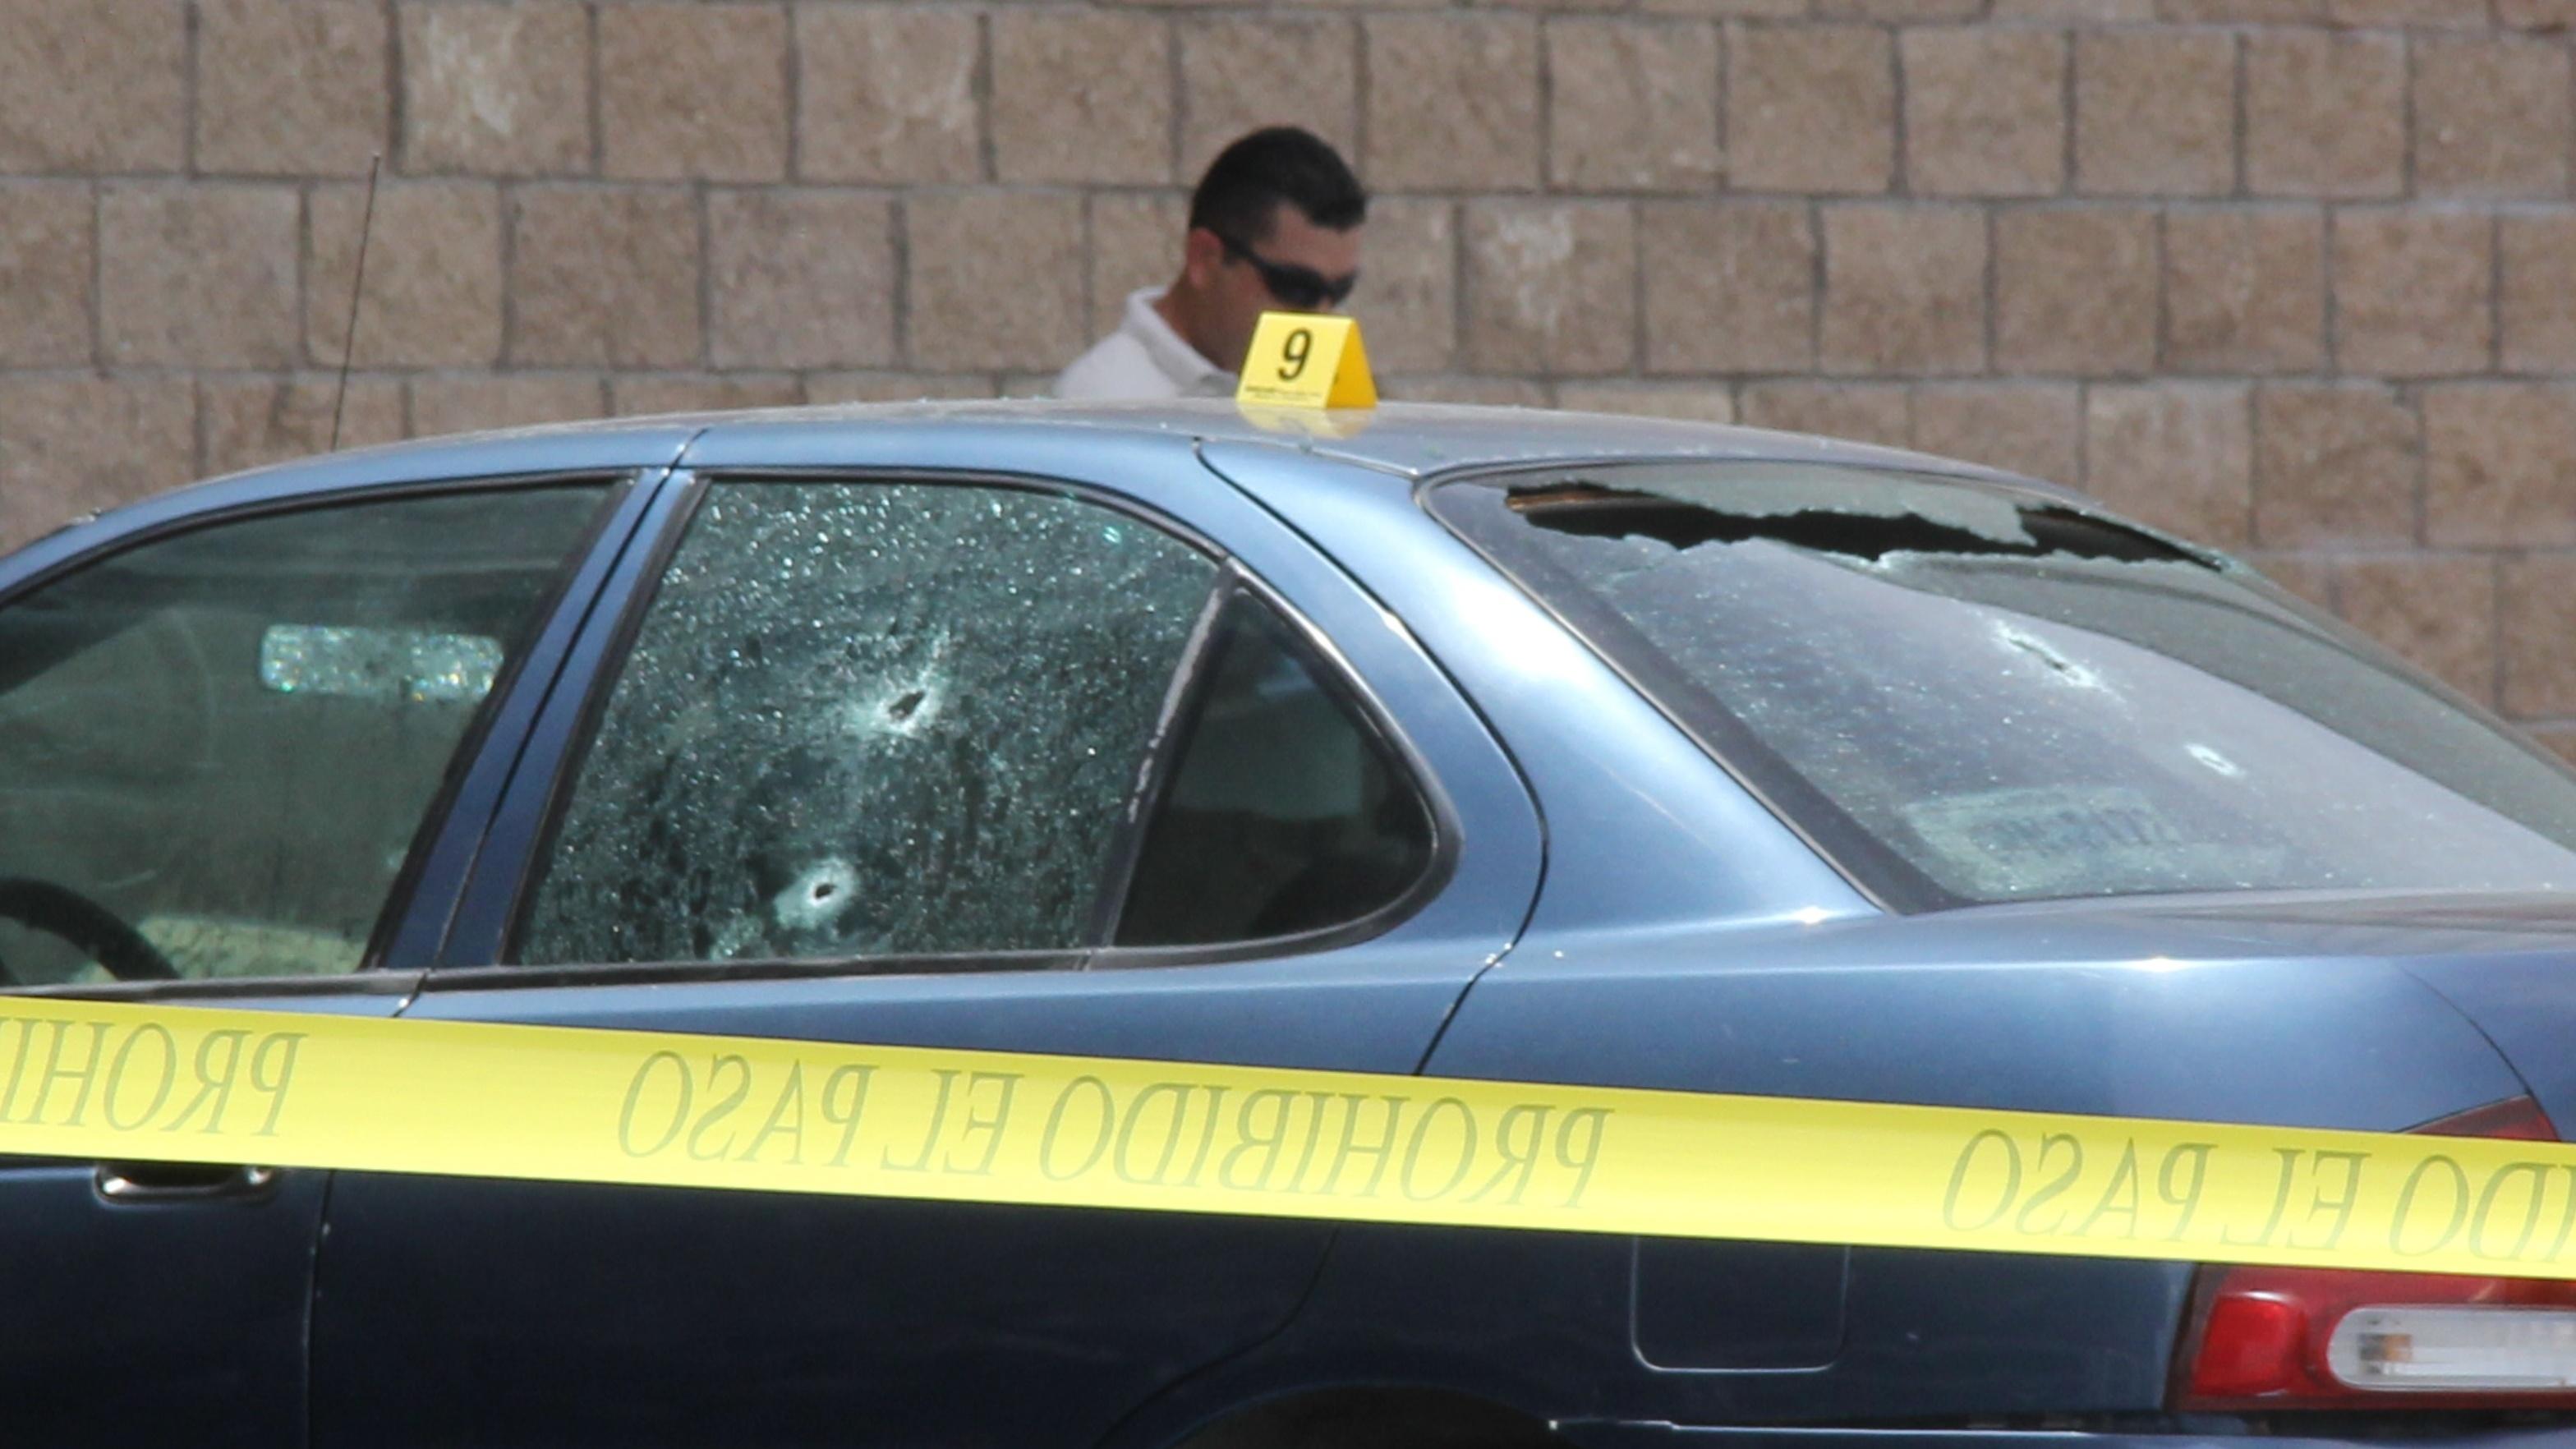 Police investigators work on the crime scene where Mexican journalist Maximino Rodriguez Palacios was killed by gunmen April 14 in La Paz, Baja California Sur, Mexico.